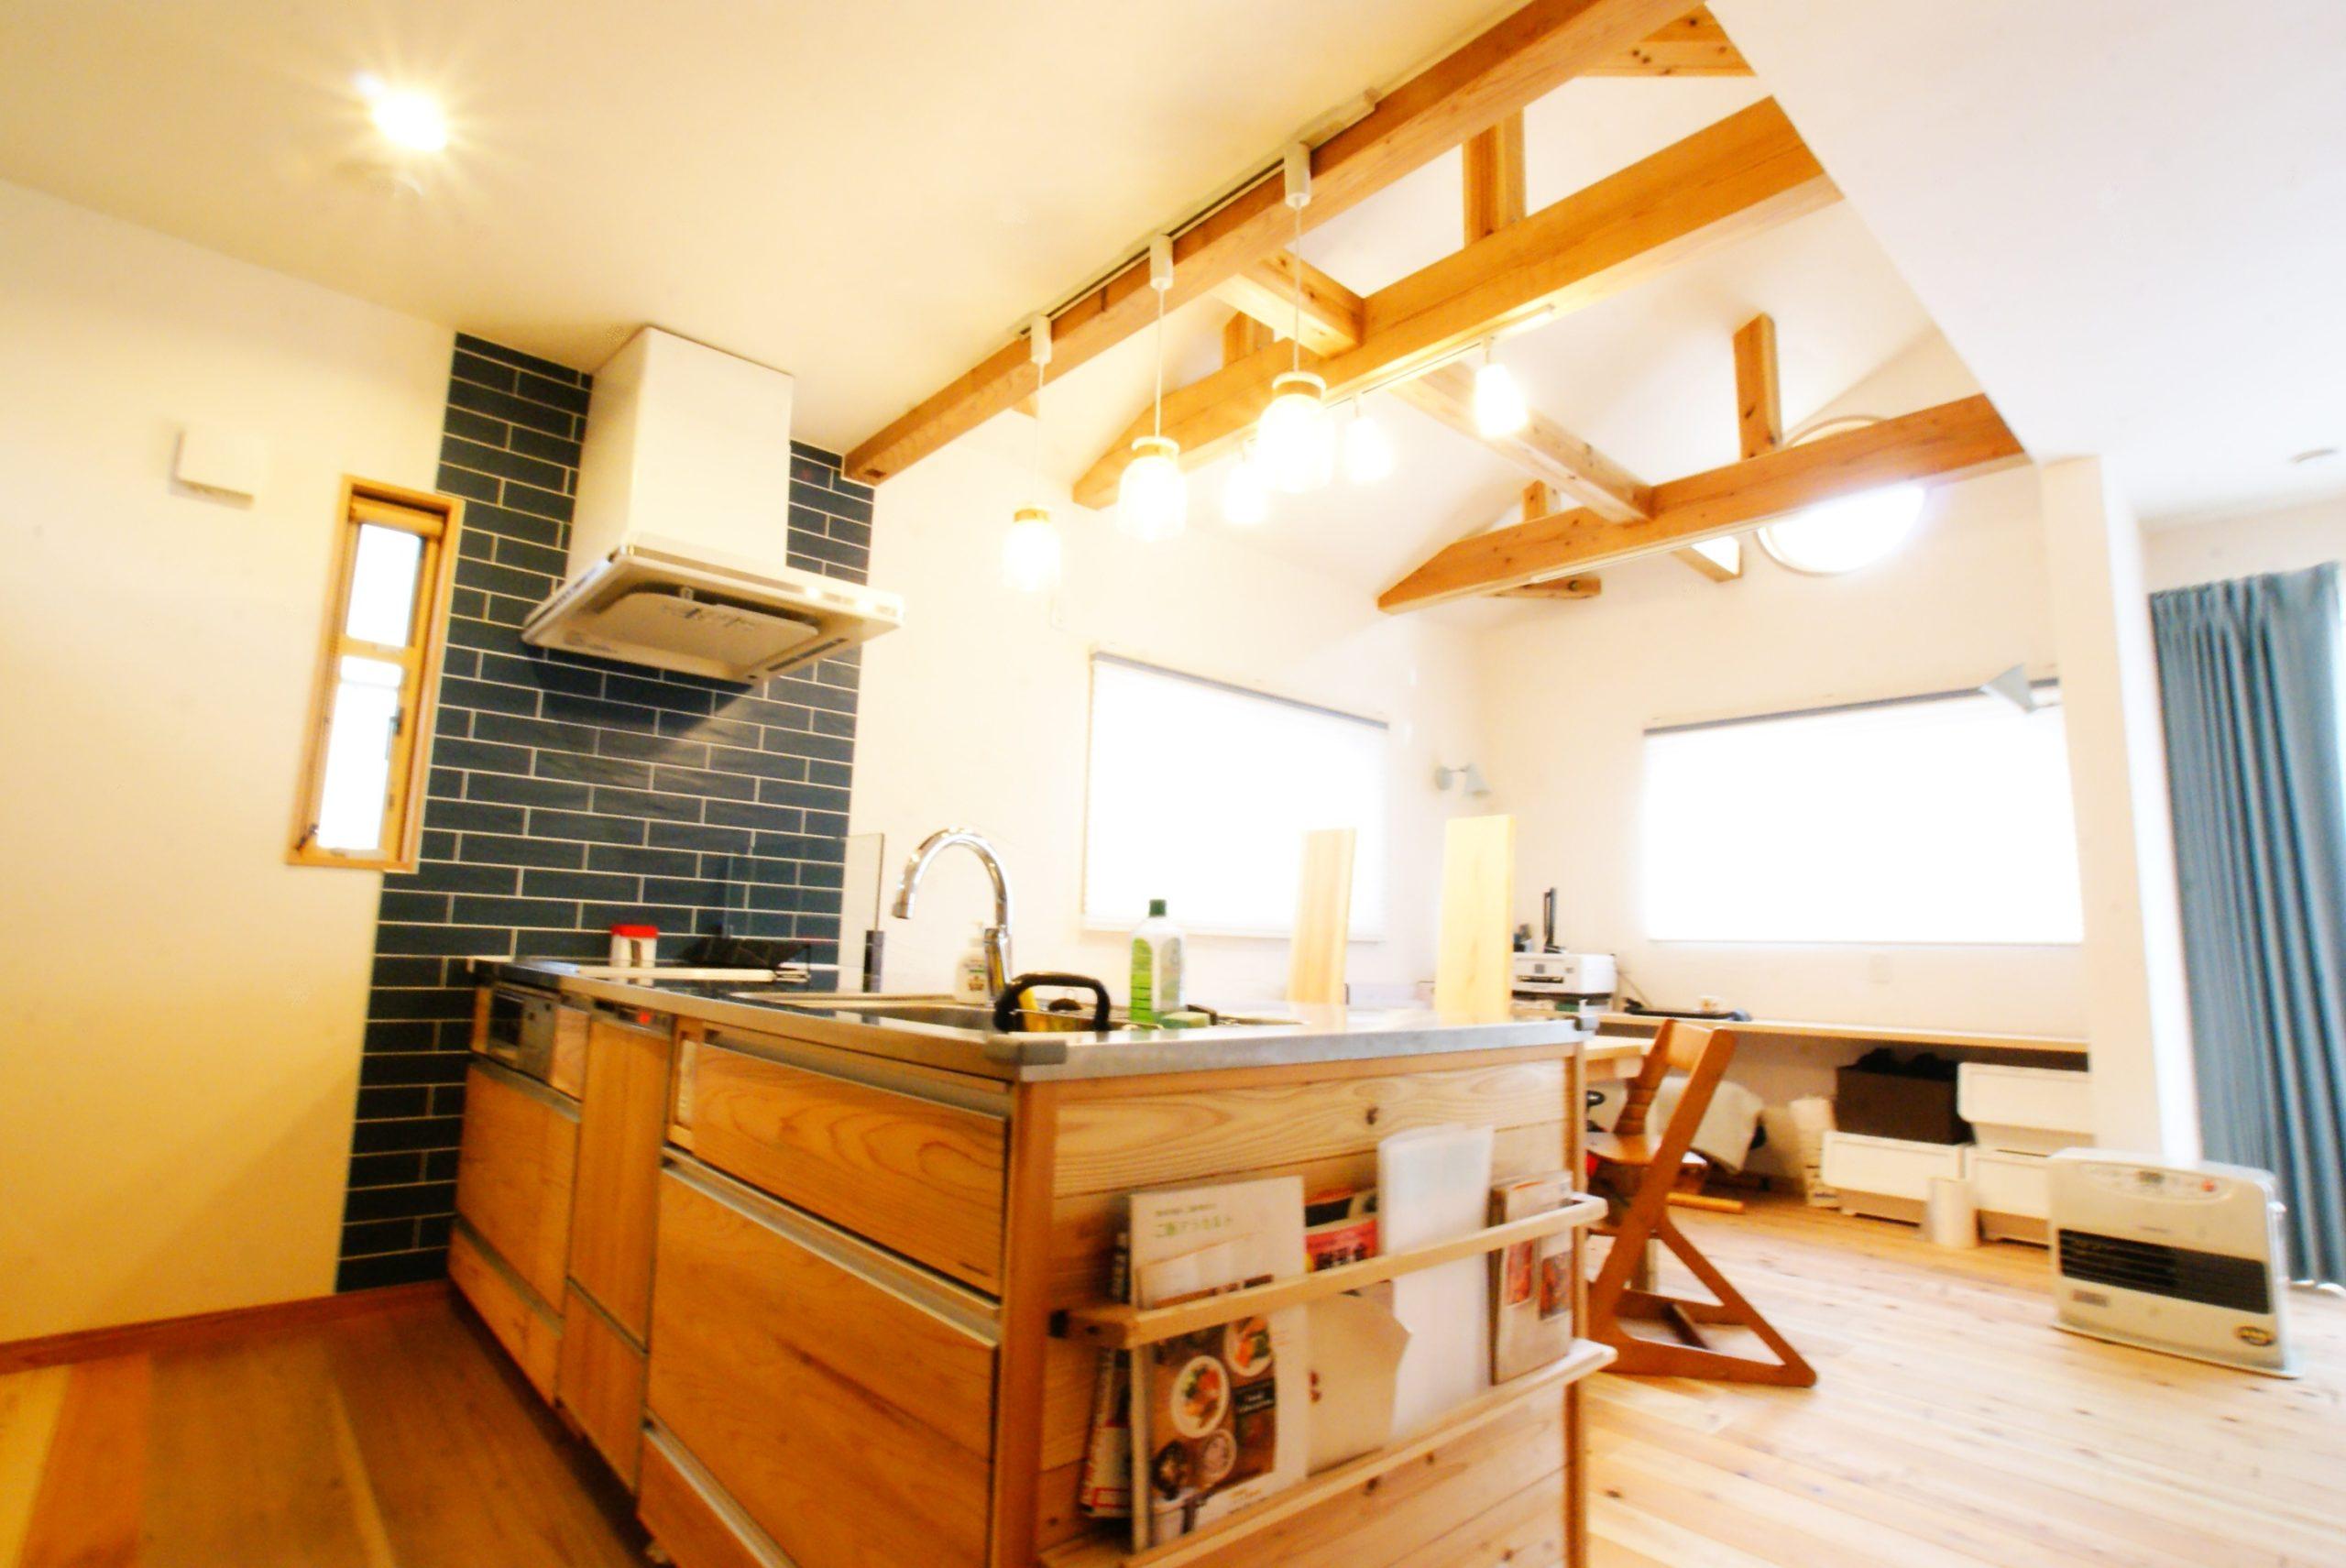 明るいダイニングキッチン、高い天井に丸い窓も良いですね。